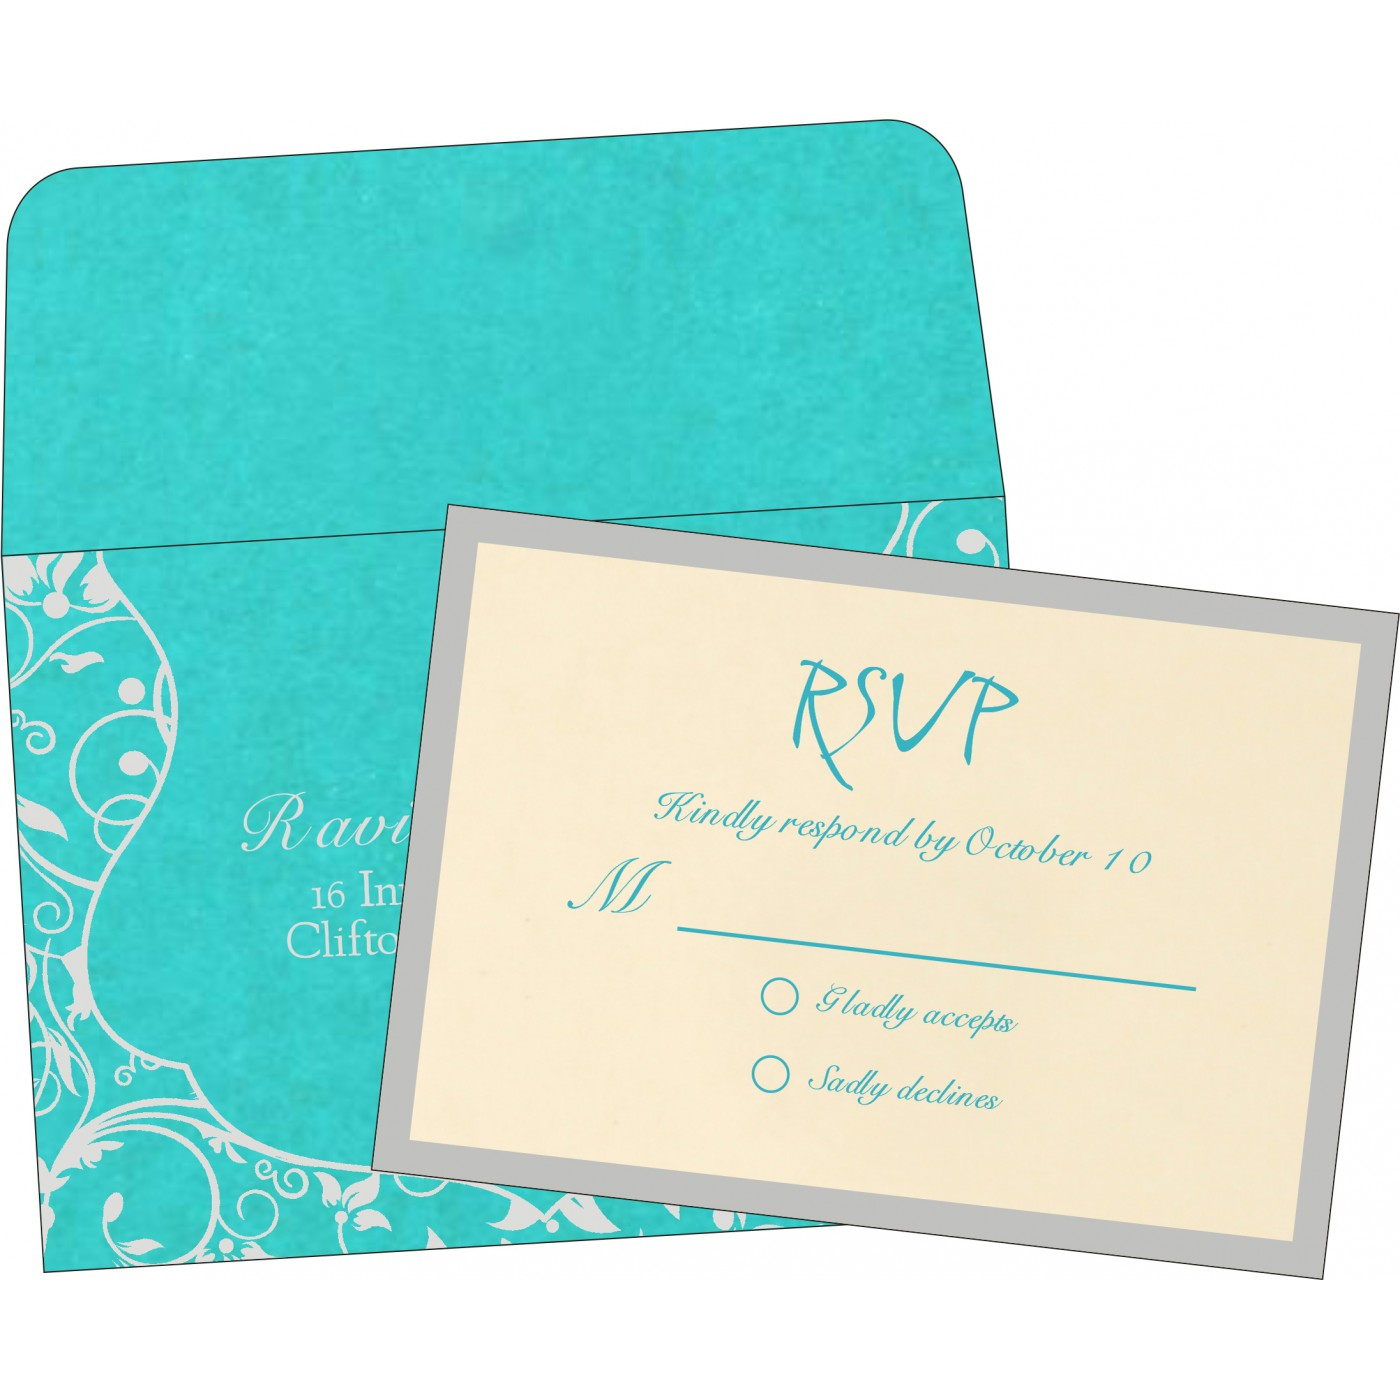 RSVP Cards : CRSVP-8229M - IndianWeddingCards